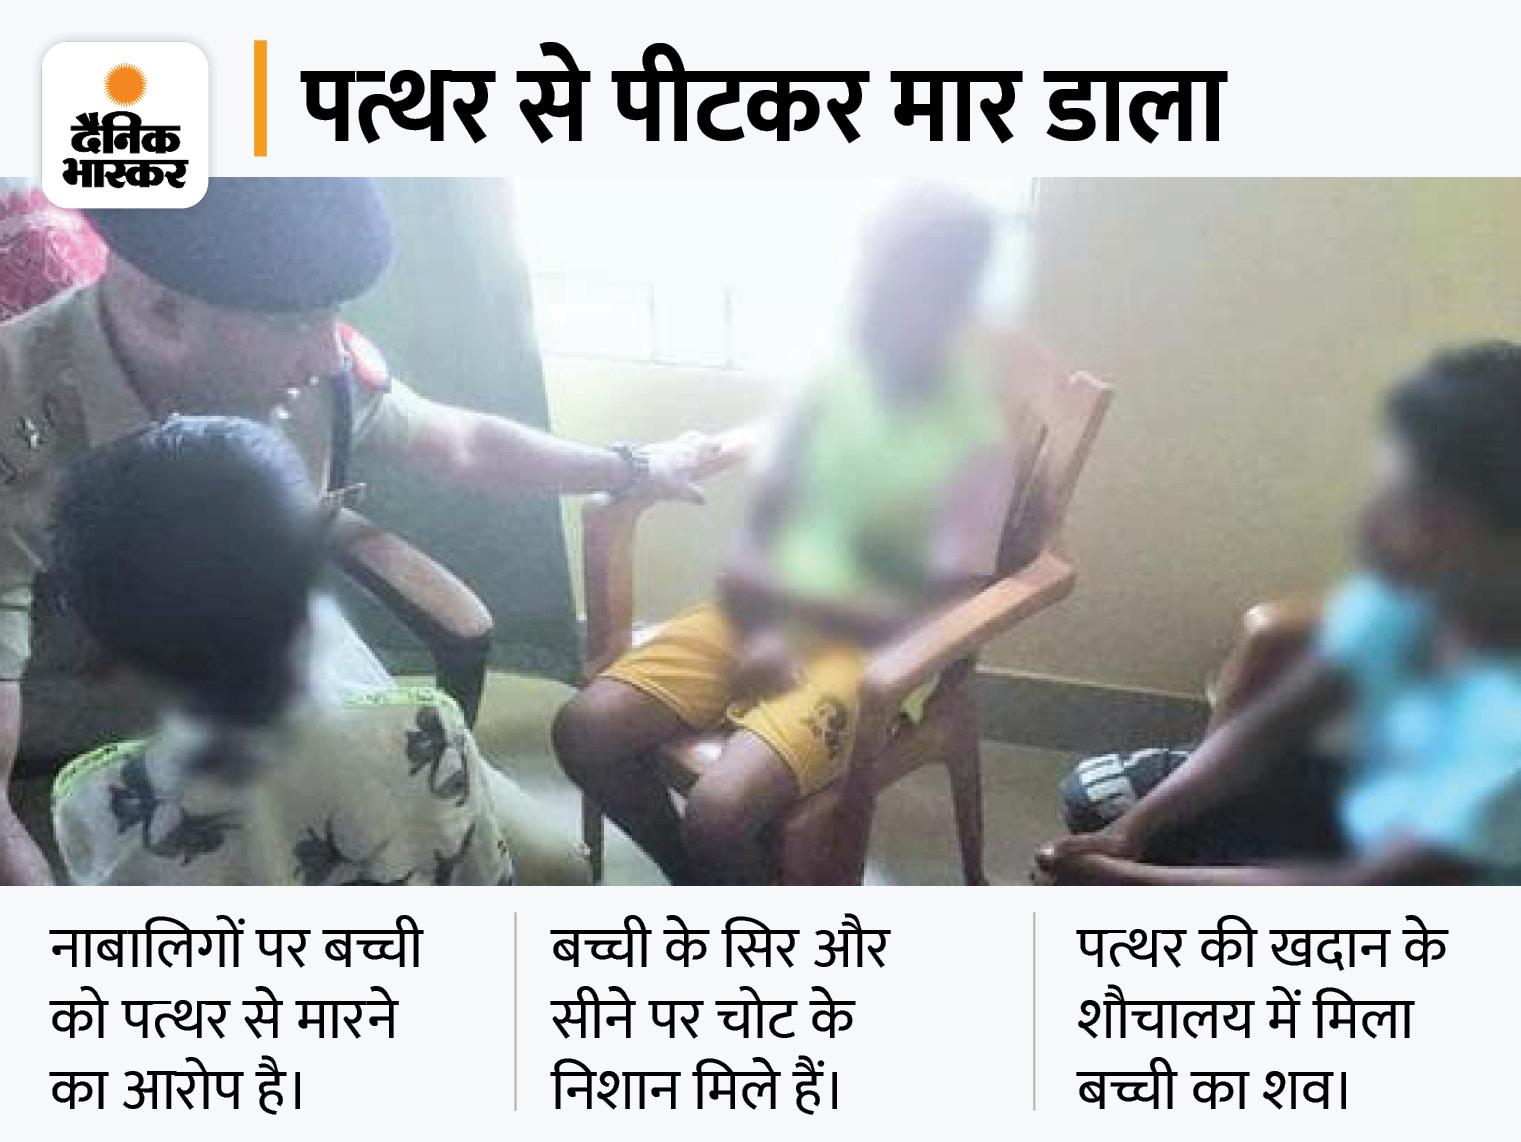 पोर्न देखने से मना करने पर 6 साल की बच्ची की पीट-पीटकर हत्या, 8 से 11 साल के 3 नाबालिग गिरफ्तार|देश,National - Dainik Bhaskar